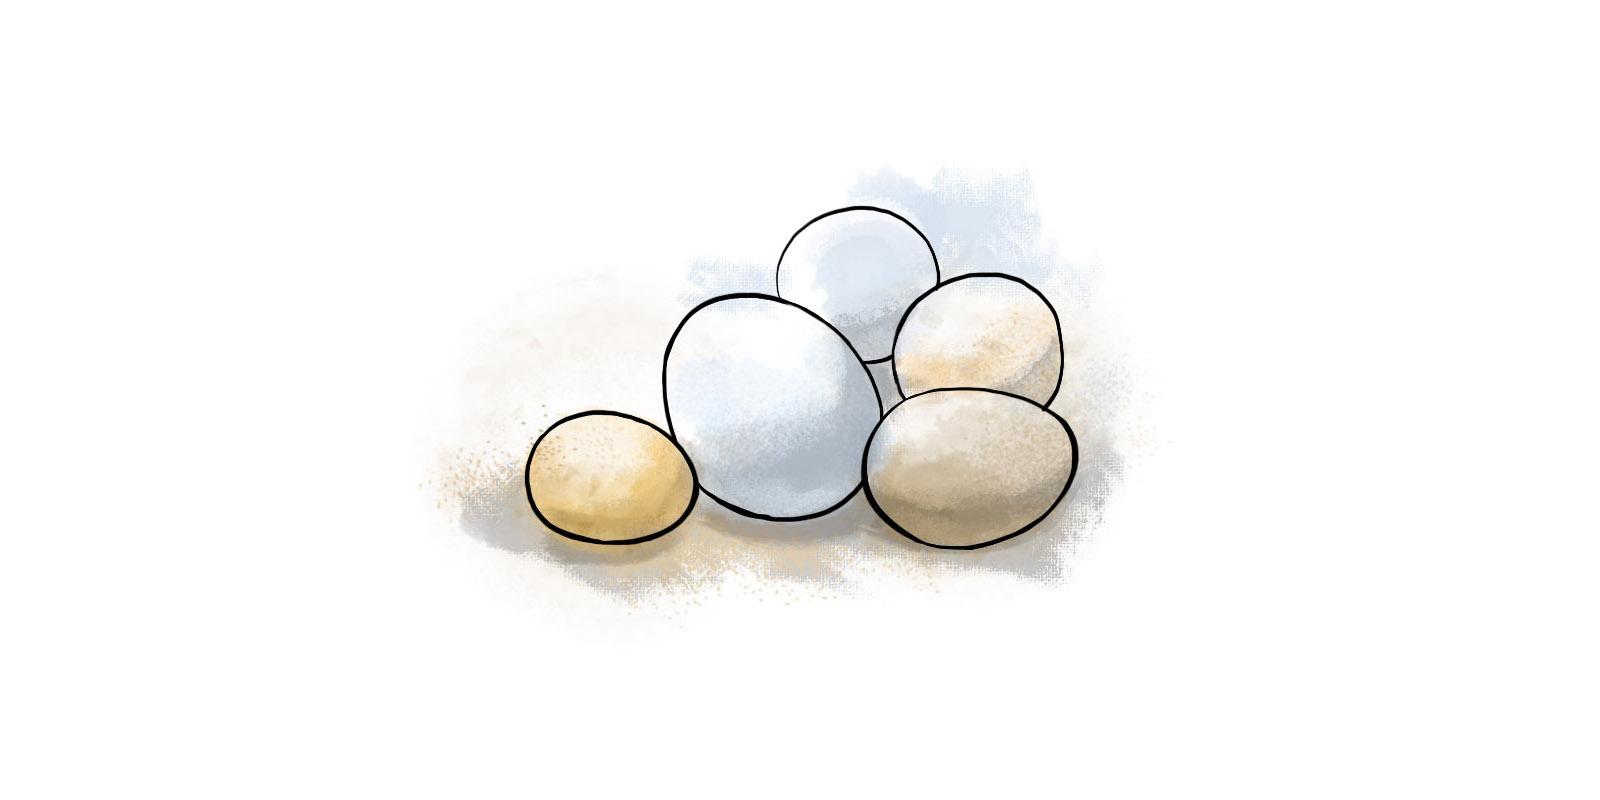 Придание цвета, функции яйца